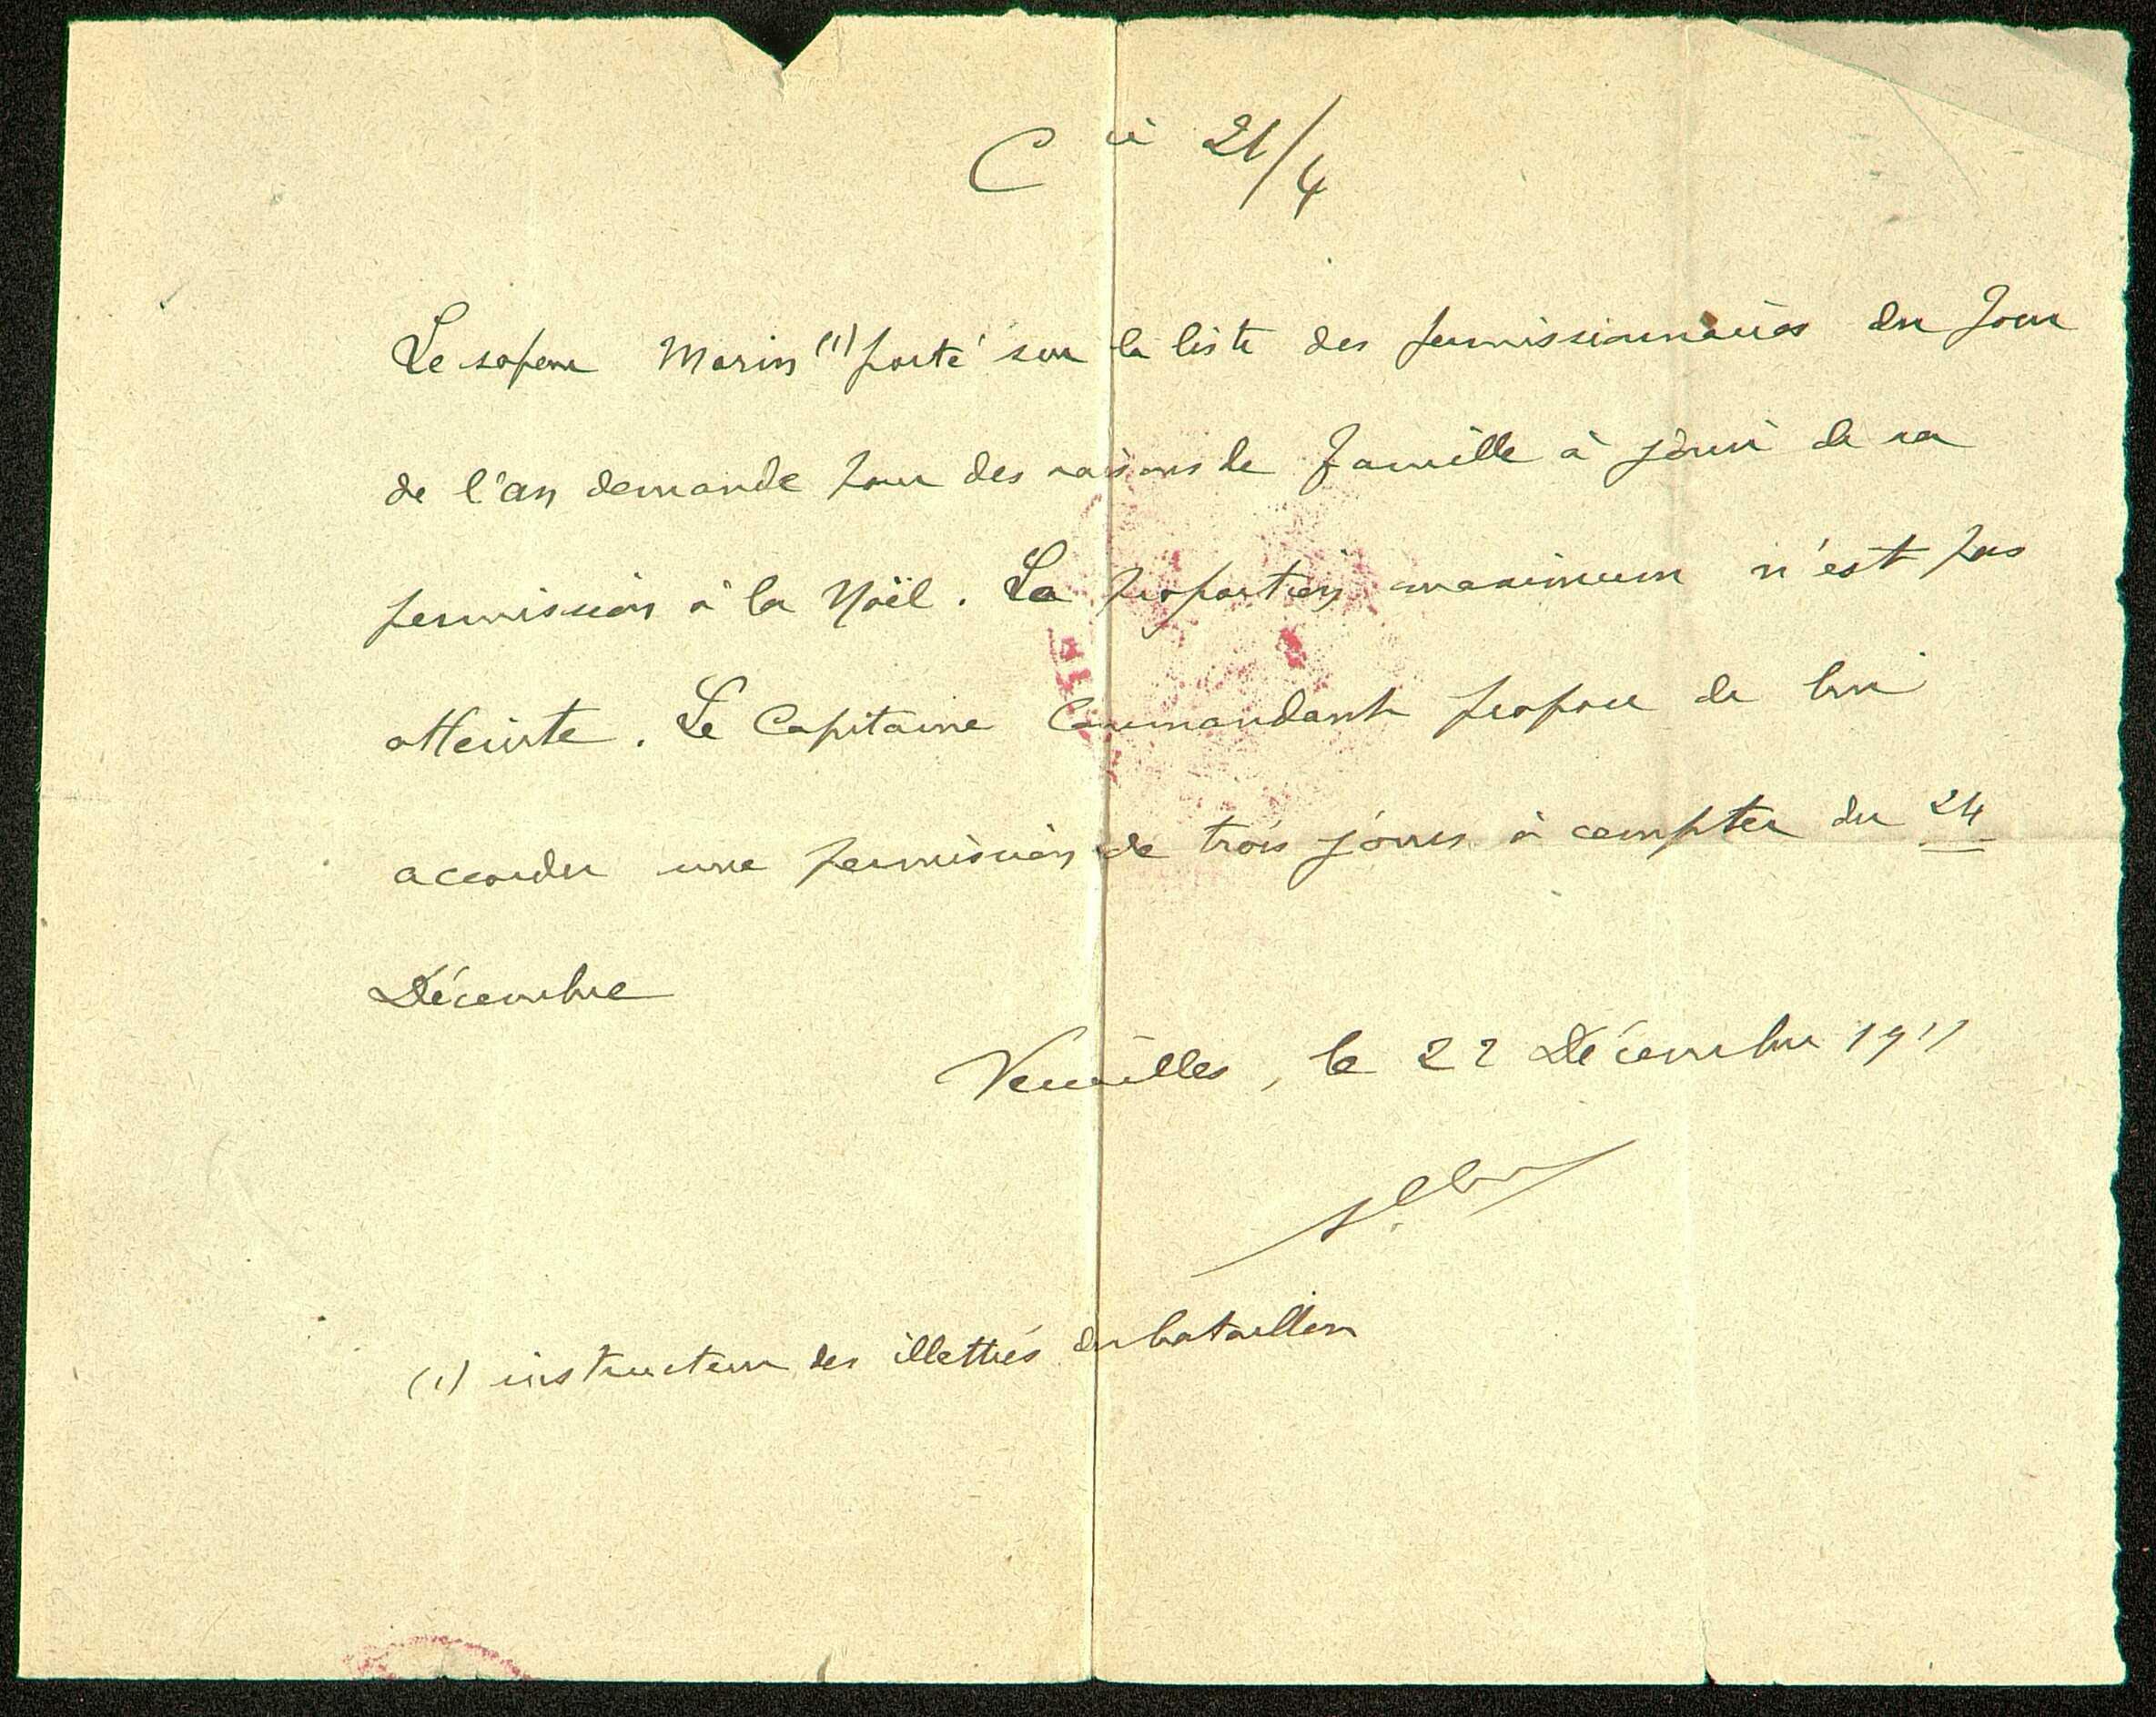 Autorisation de permission pour le jour de noël 1917 accordée à Louis Paul Morin